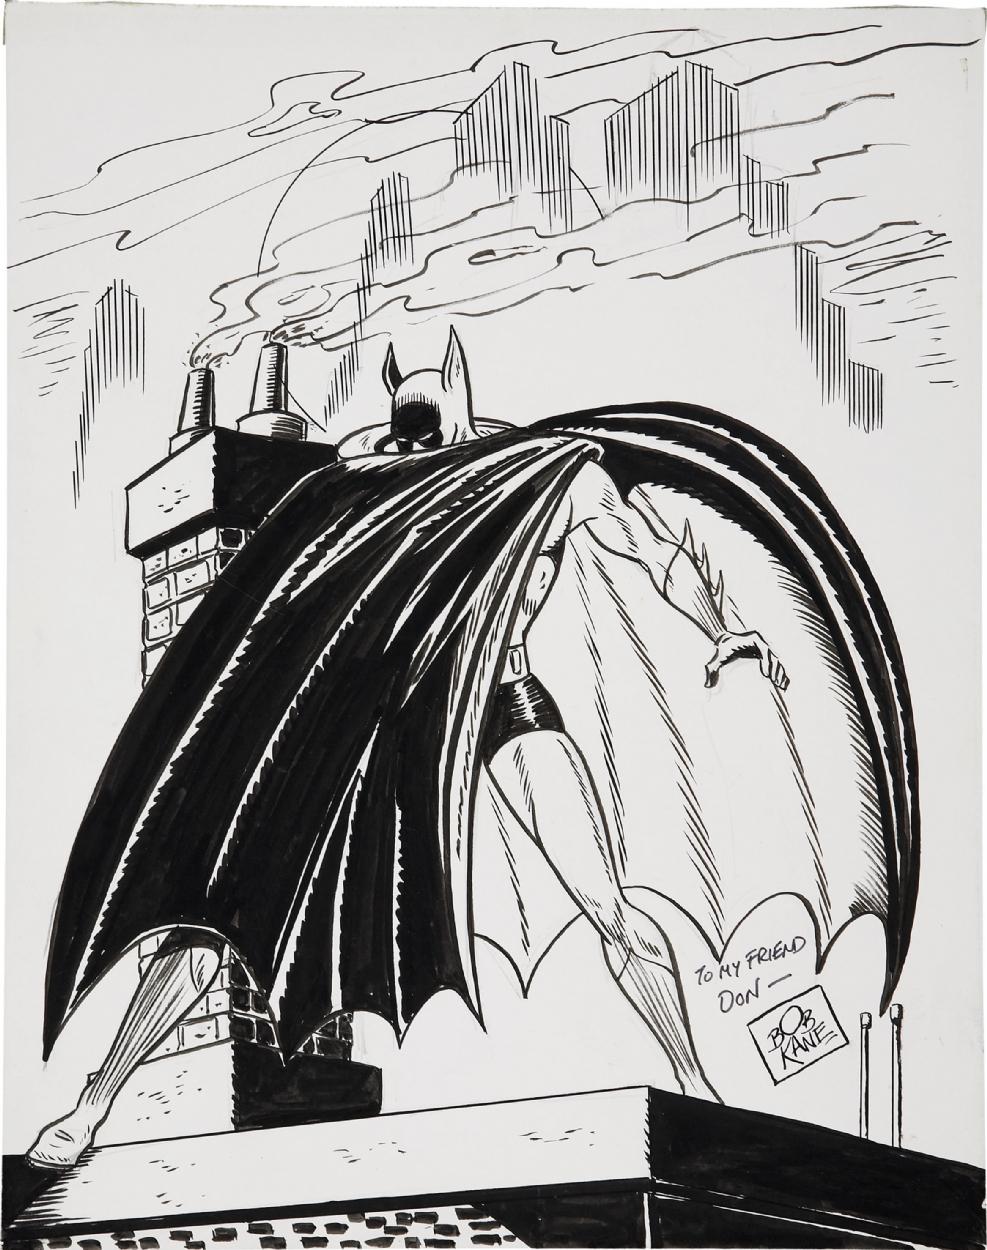 Drawn batman bob kane Kane Batman  kane Bob